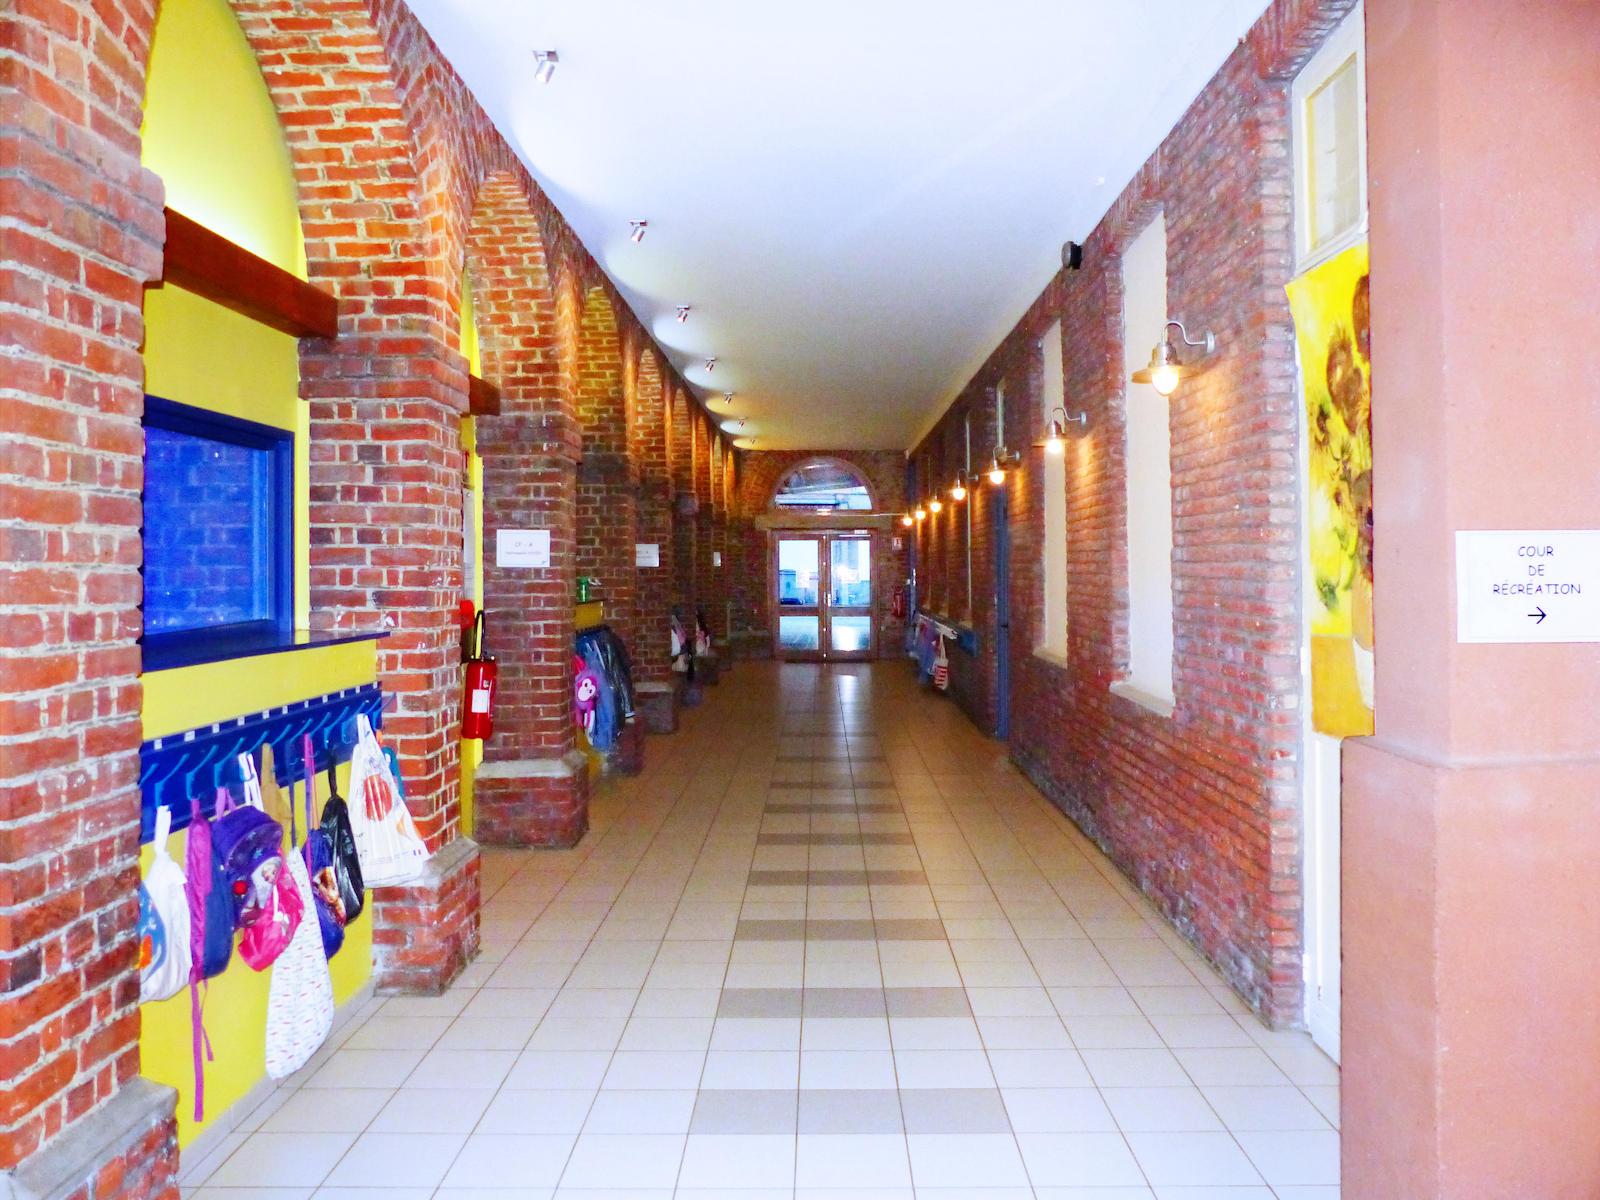 École primaire CNDI, Tourciong - Couloirs rez-de-chaussée